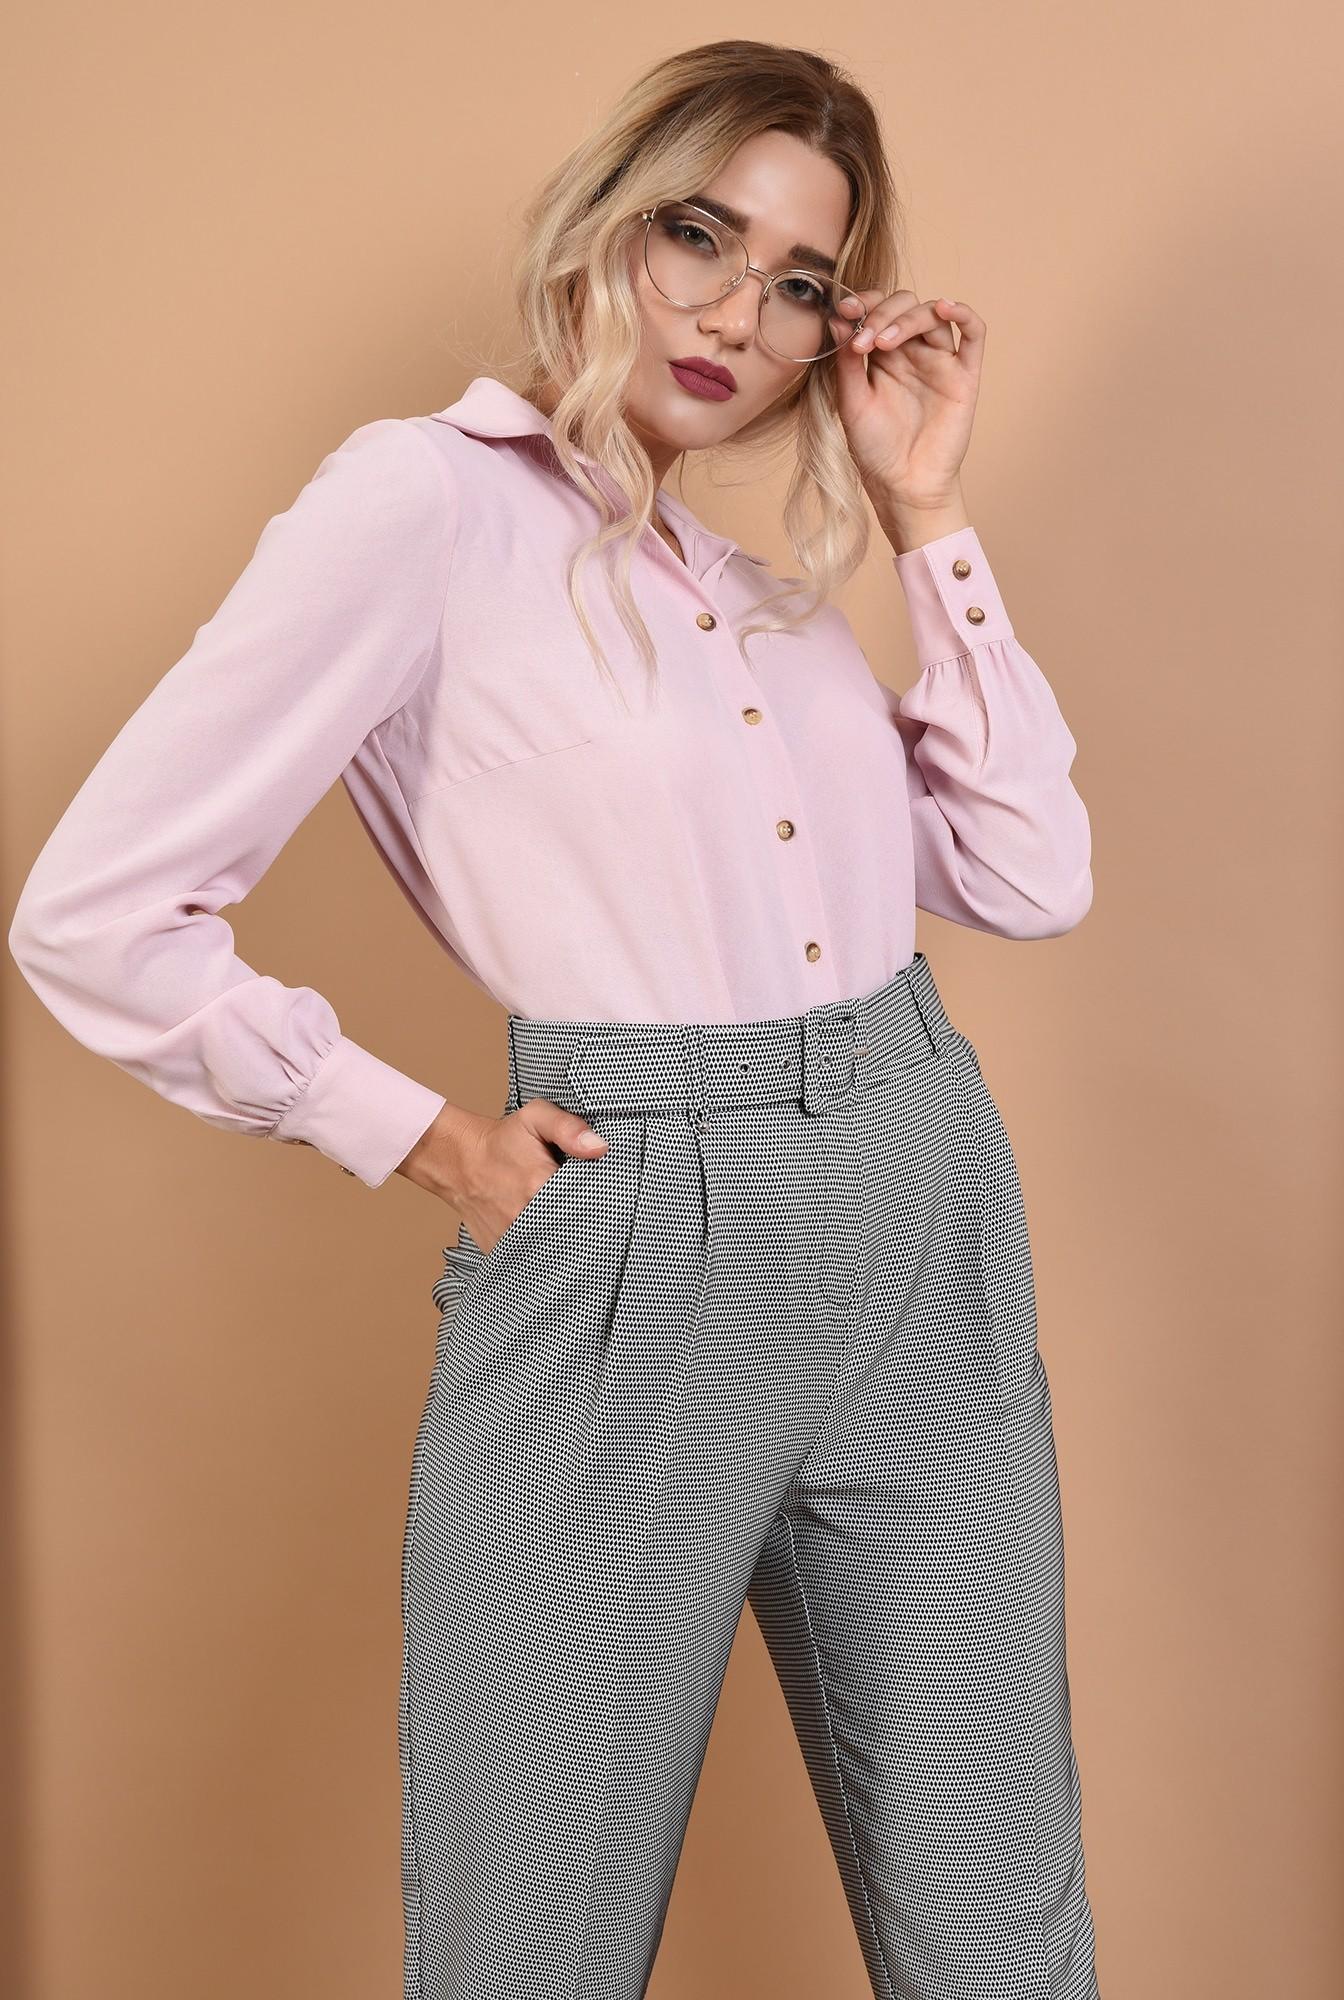 0 - 360 - pantaloni de toamna, imprimeu, curea, buzunare functionale